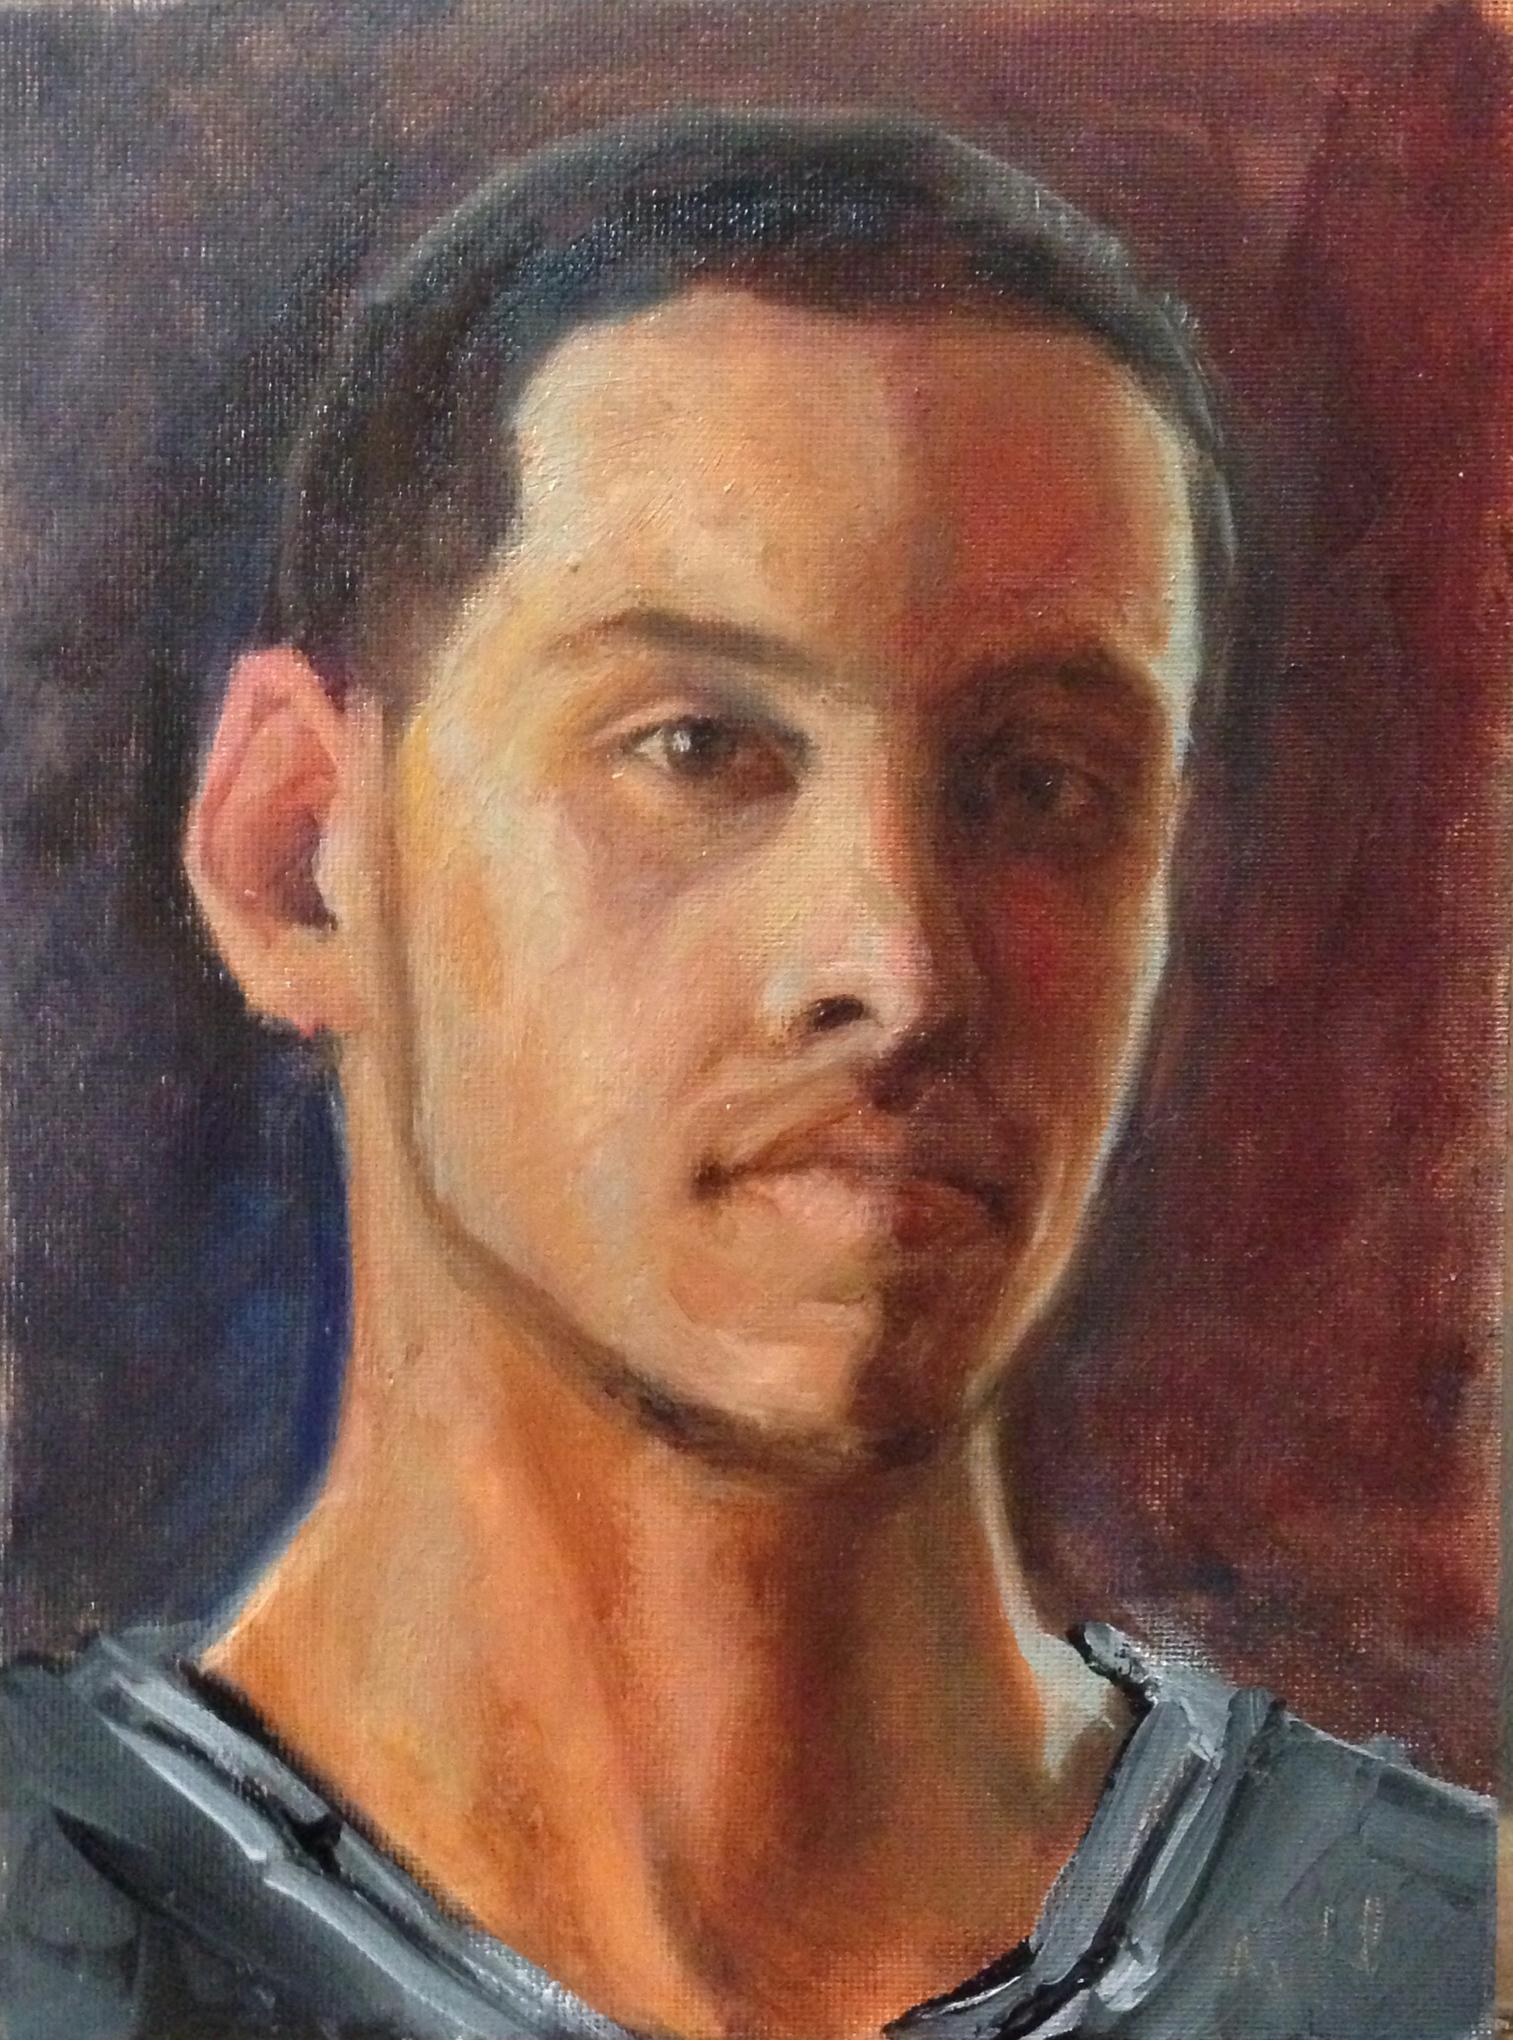 Austin Daye - oil on canvas by Michal Dye